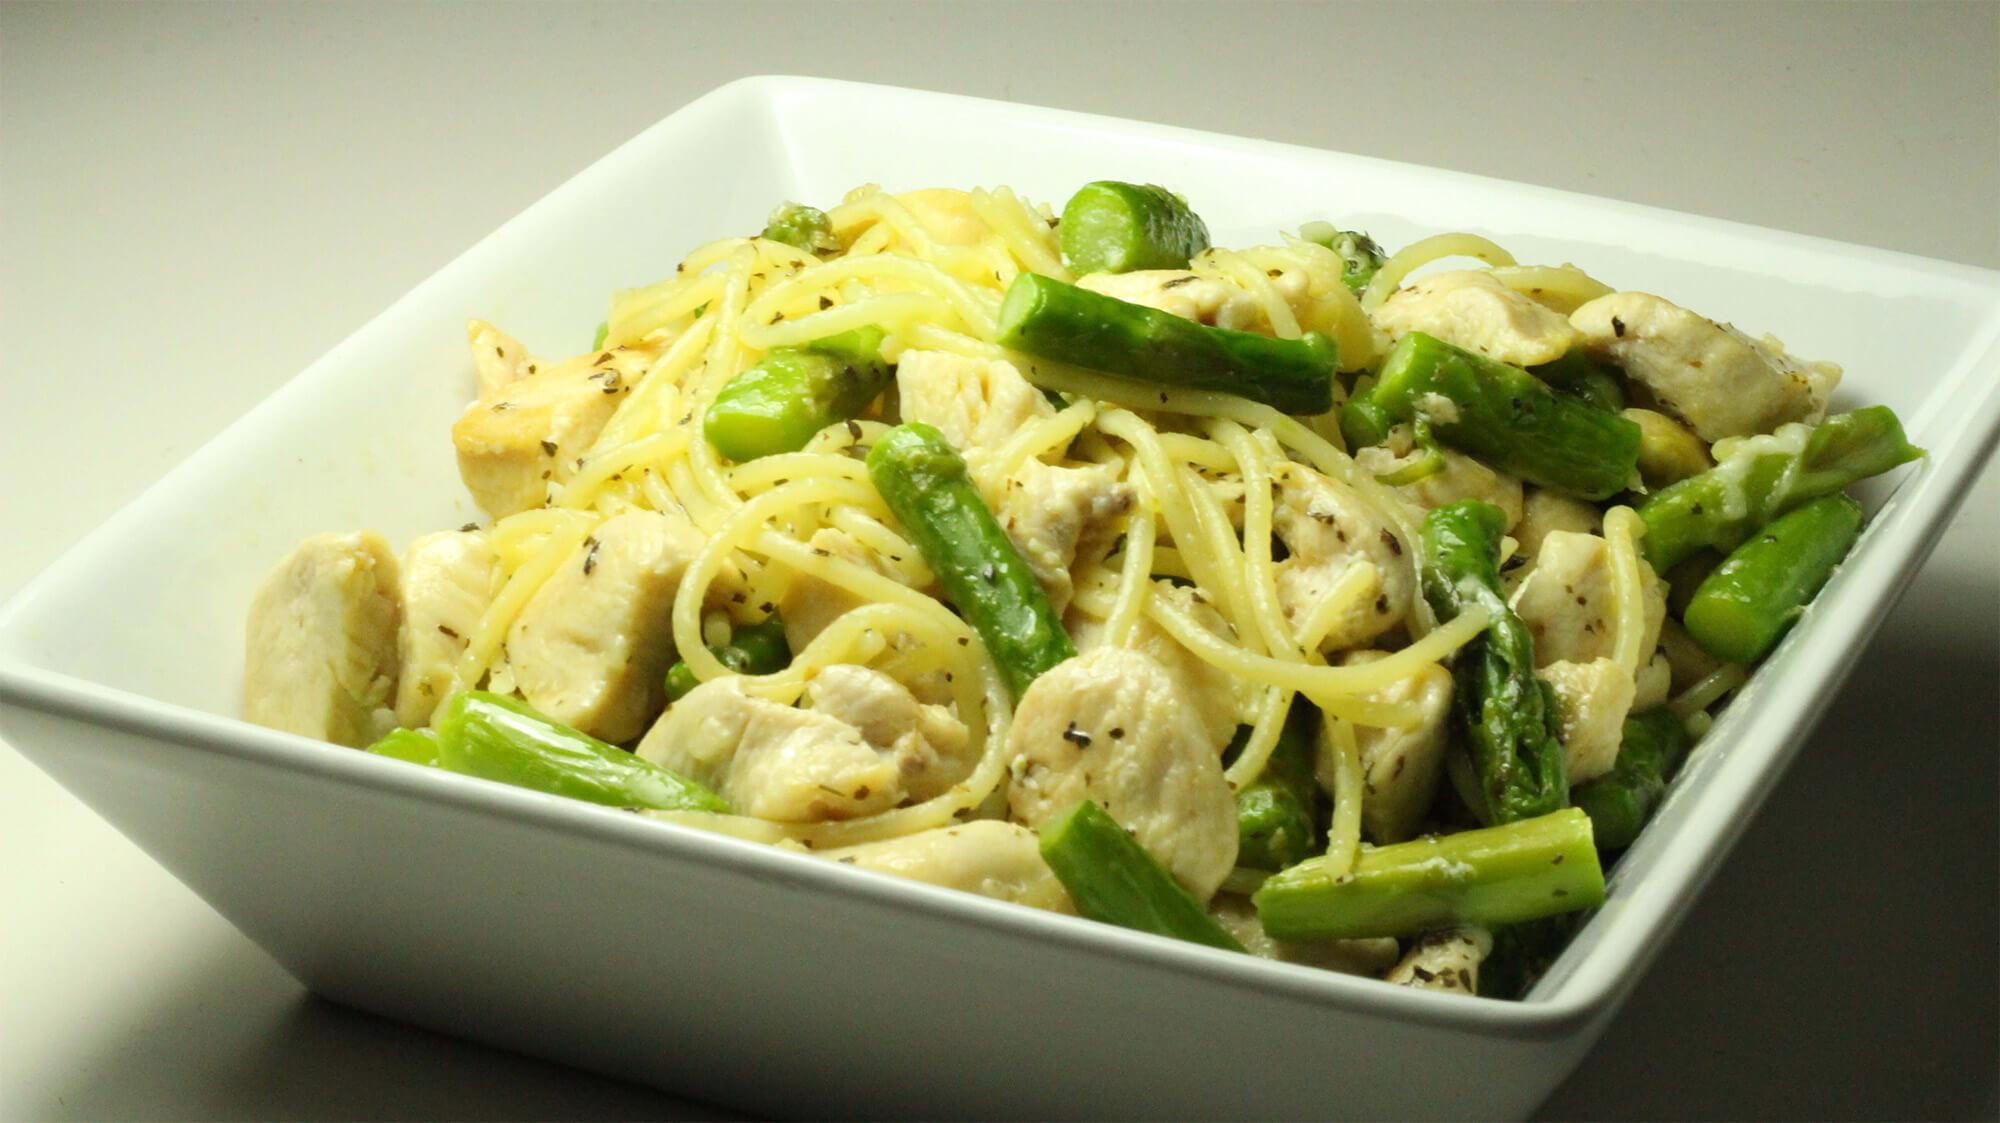 Asperges snackées au wok et poulet au mirin : recette diététique